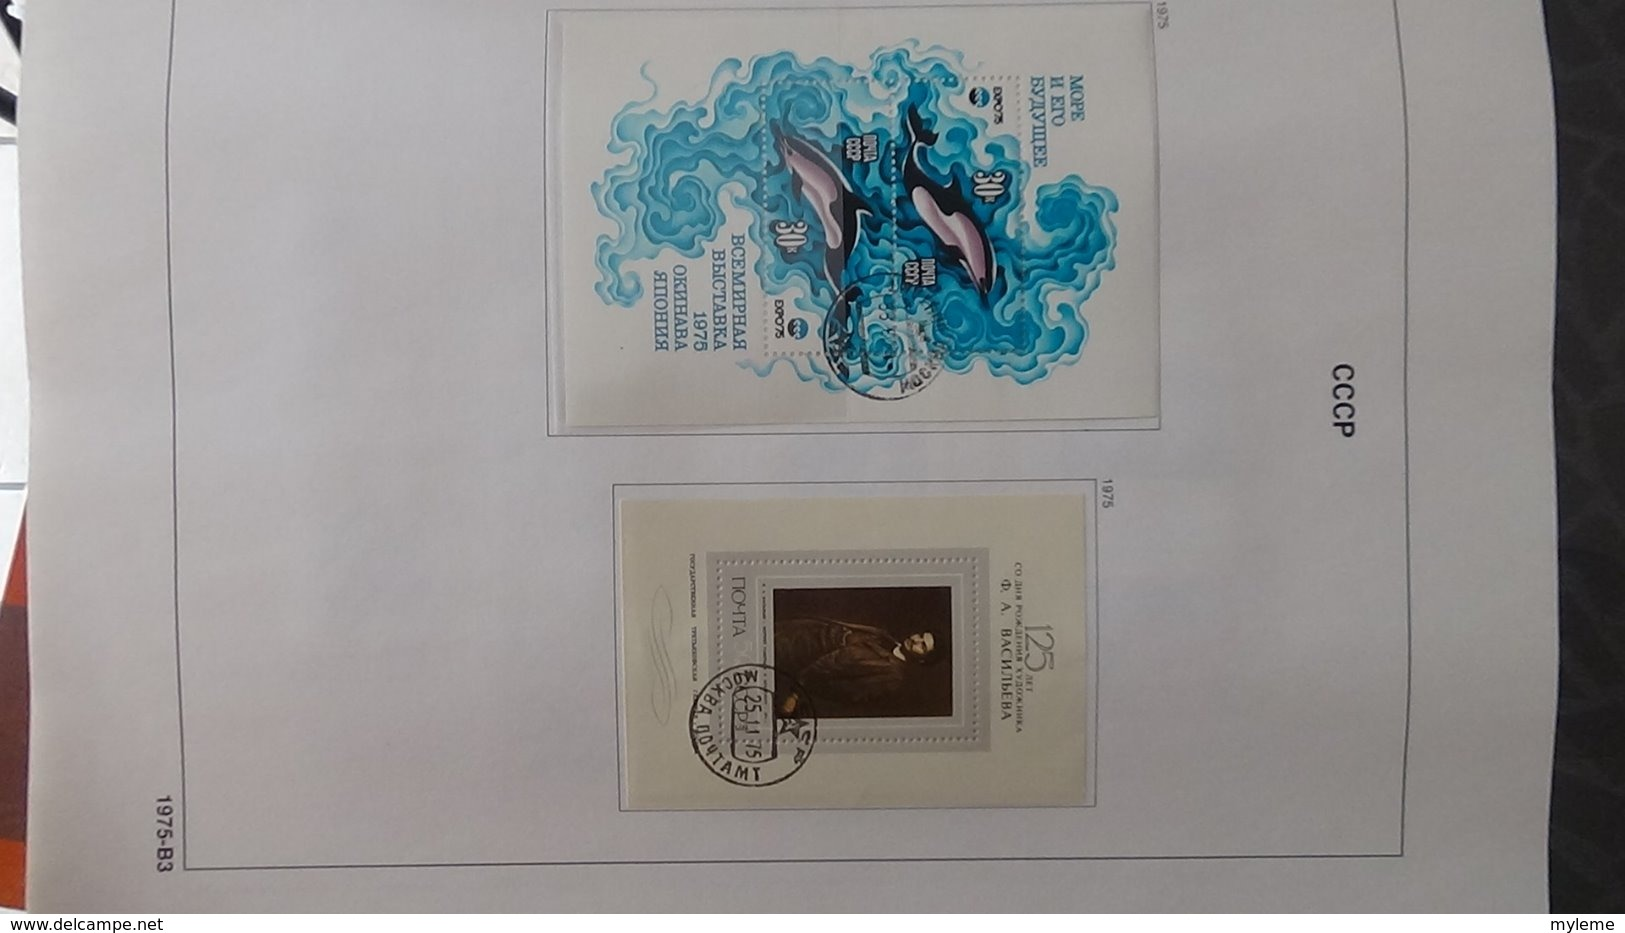 Grosse Collection De RUSSIE (CCCP) Dont Blocs Bien Suivie Toutes Les Photos N'ont Pas été Prises - Collections (with Albums)